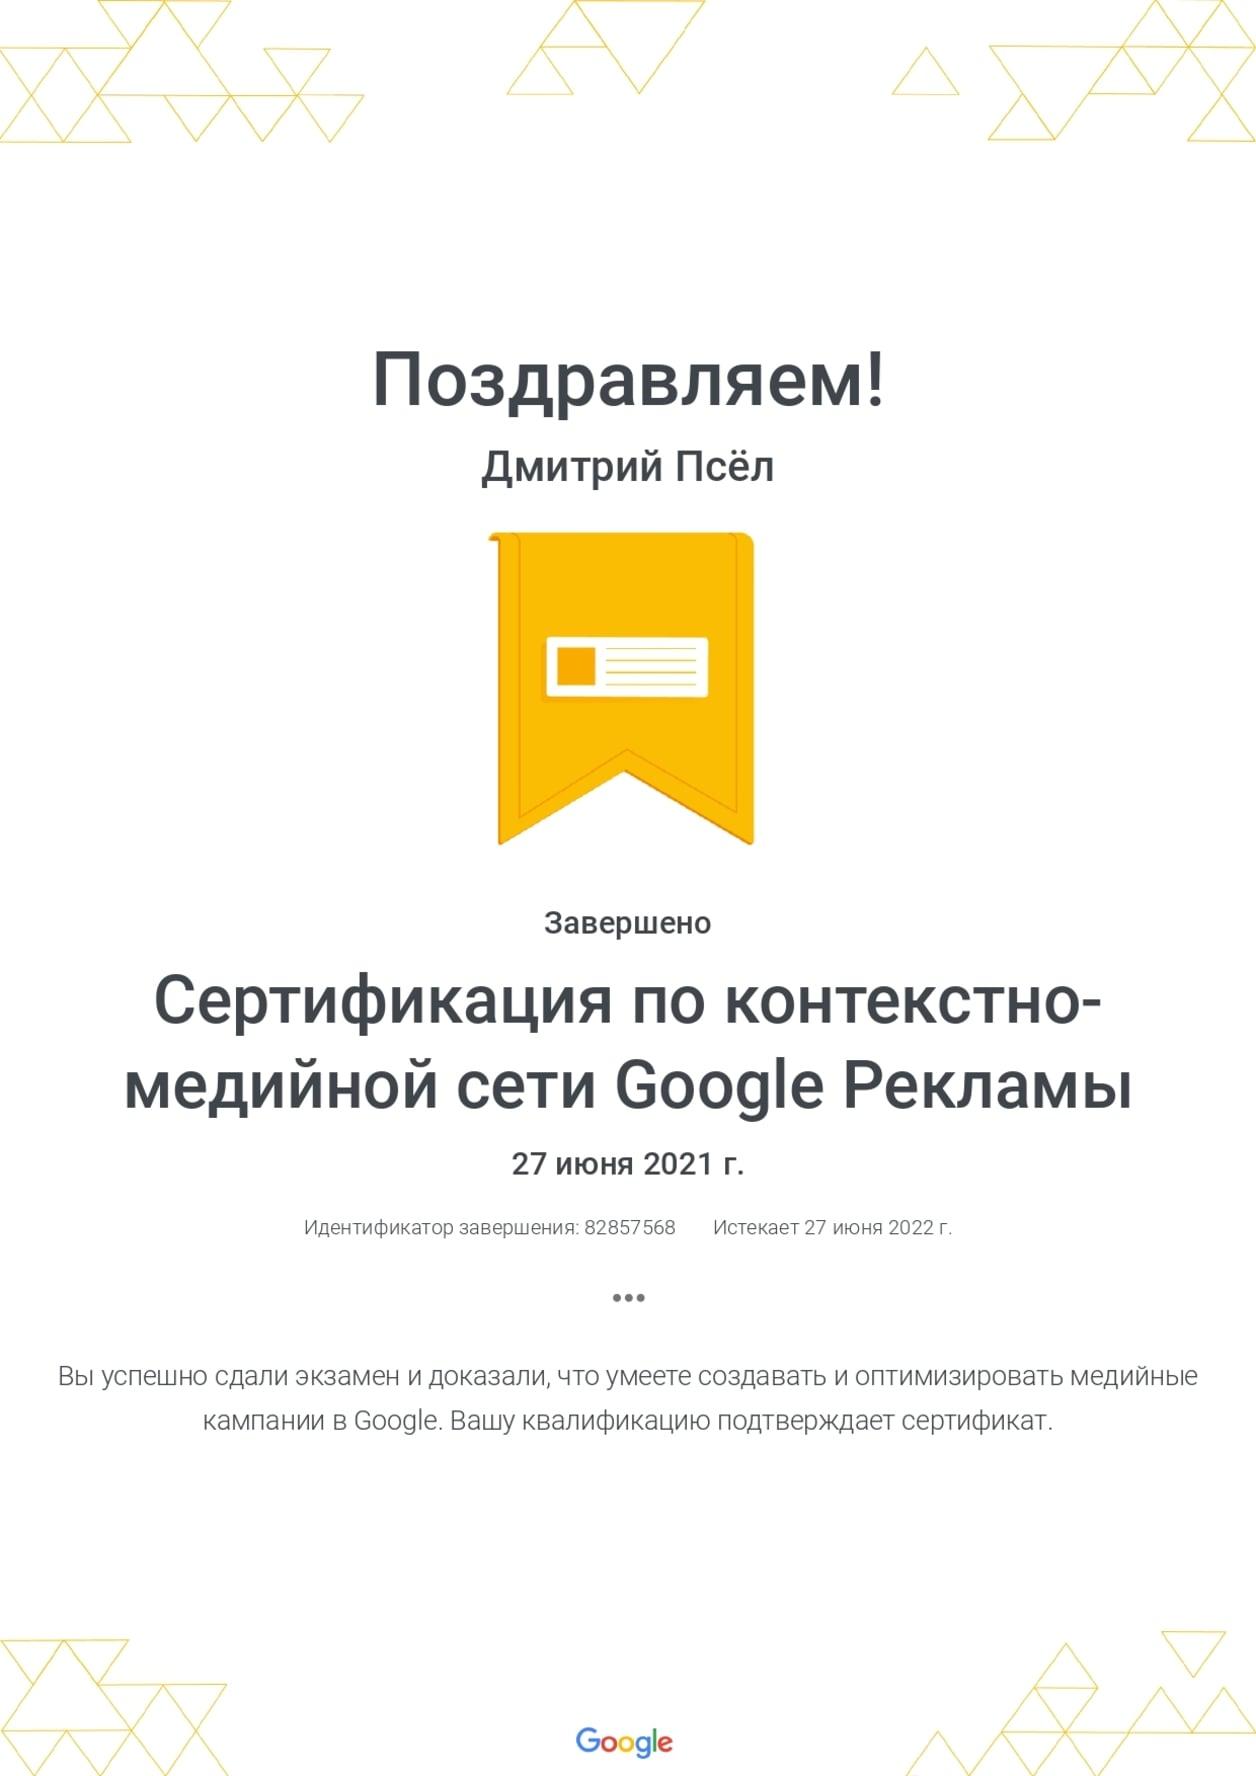 Дмитро Псьол - Сертифікат з контекстно медійної мережі Google реклами